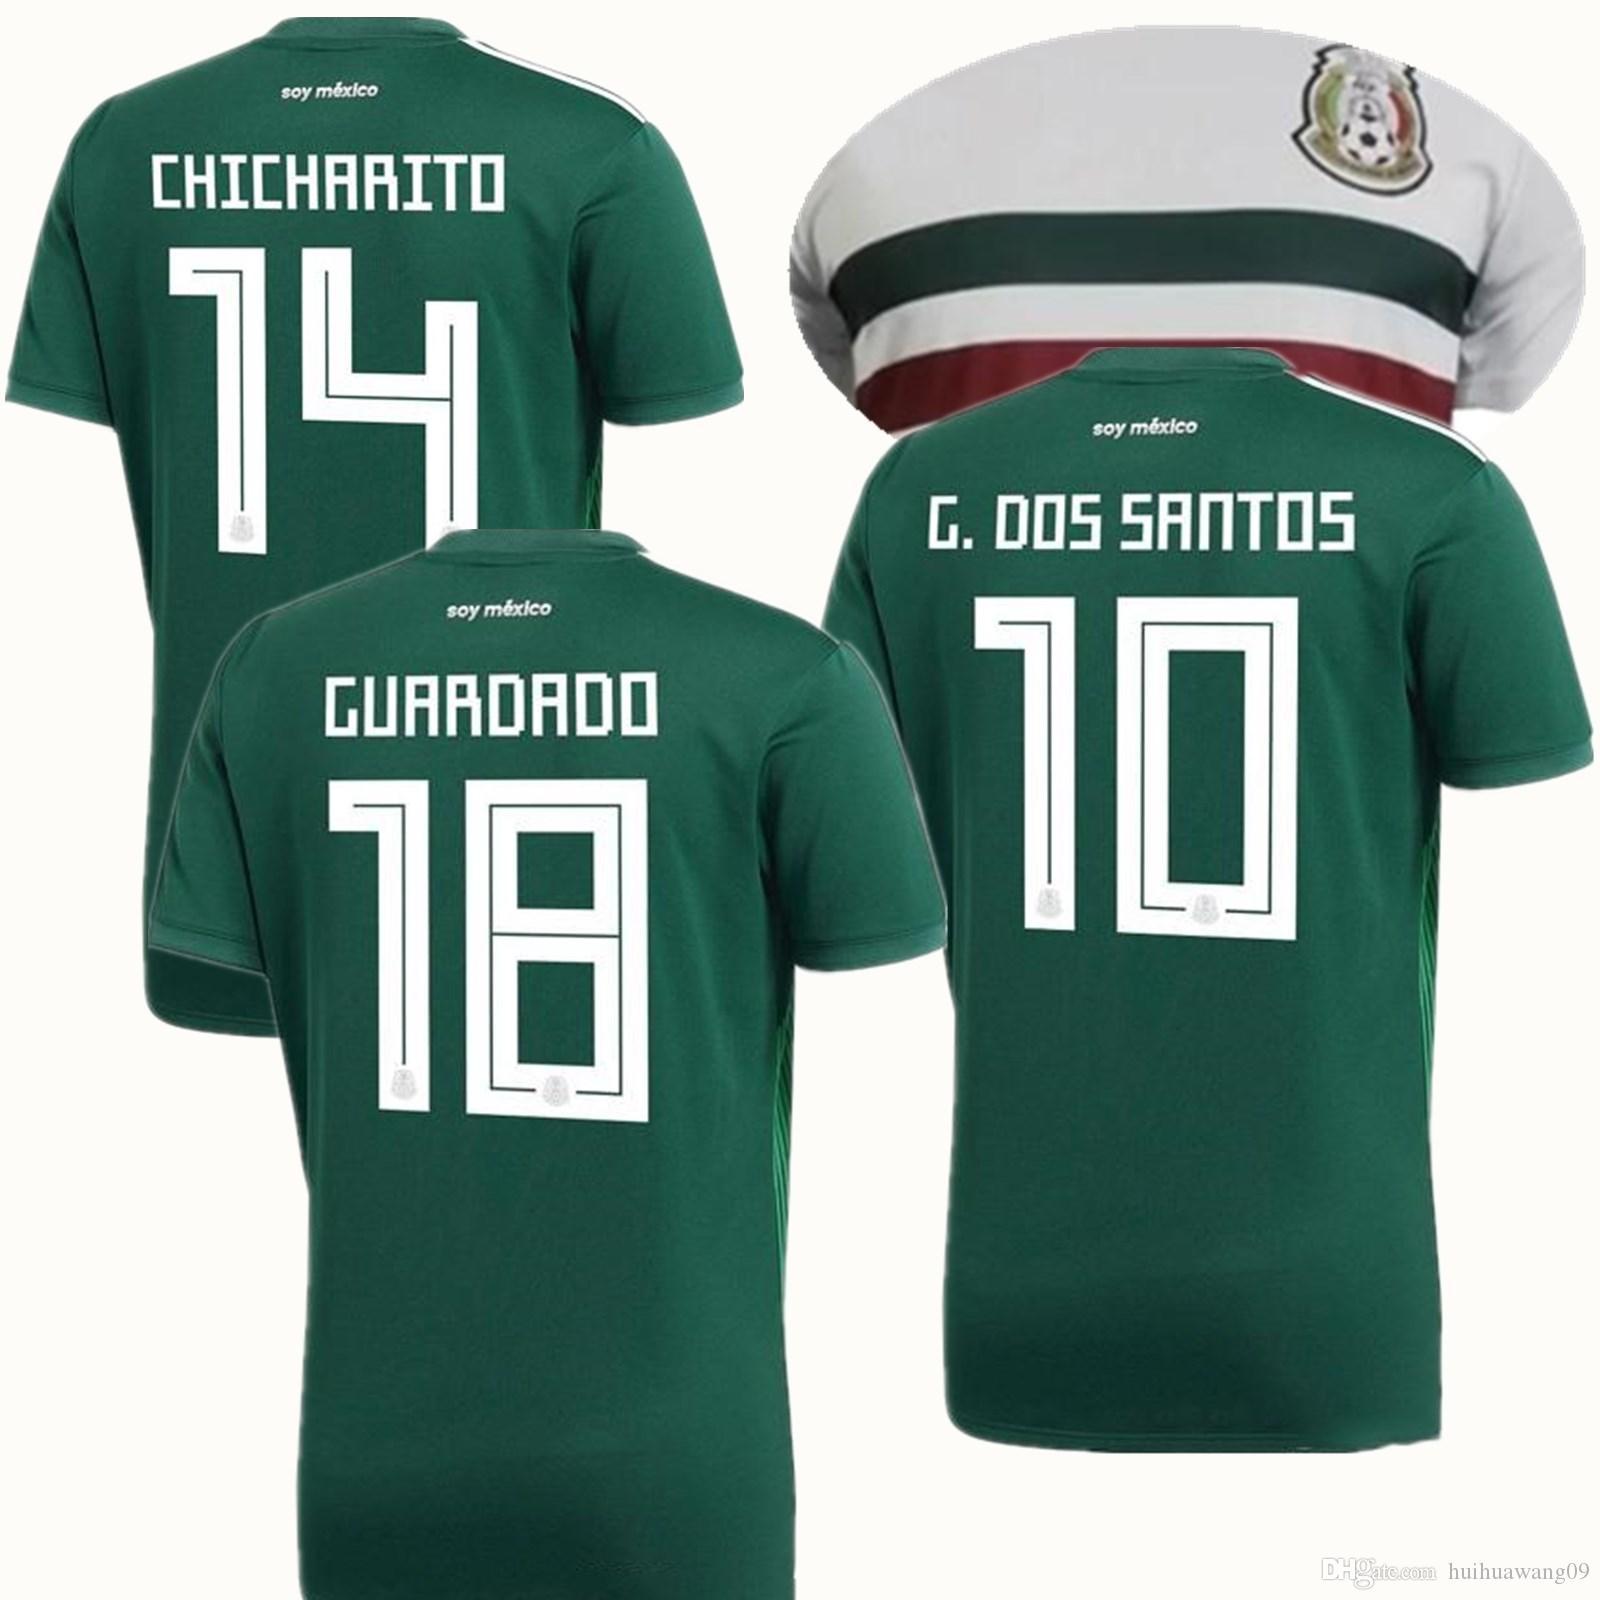 2018 Copa Del Mundo México Jersey Inicio Verde G.DOS SANTOS 14 CHICHARITO  J.Hernandez M.Layun A.Reyes Camisetas De Fútbol Equipo De Camisetas De  Fútbol Por ... dda794016968c